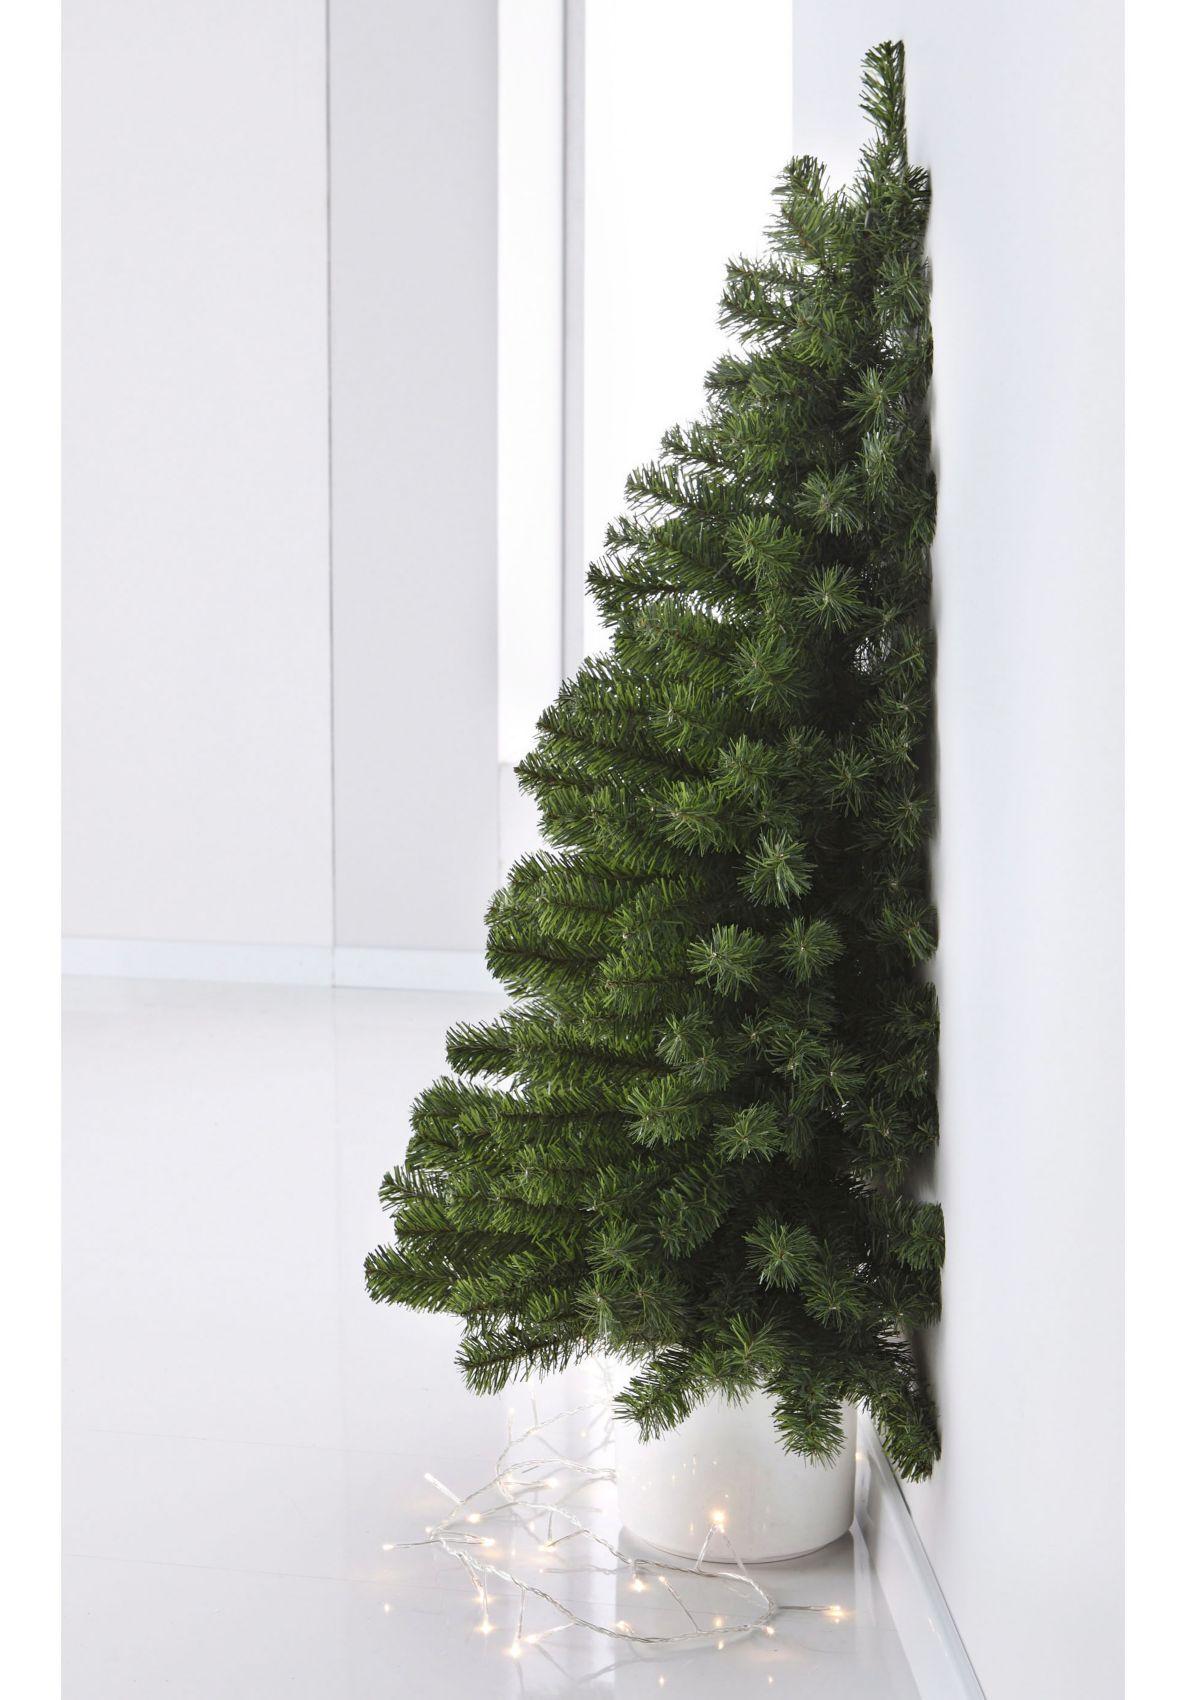 weihnachtsbaum nordmanntanne billig kaufen. Black Bedroom Furniture Sets. Home Design Ideas